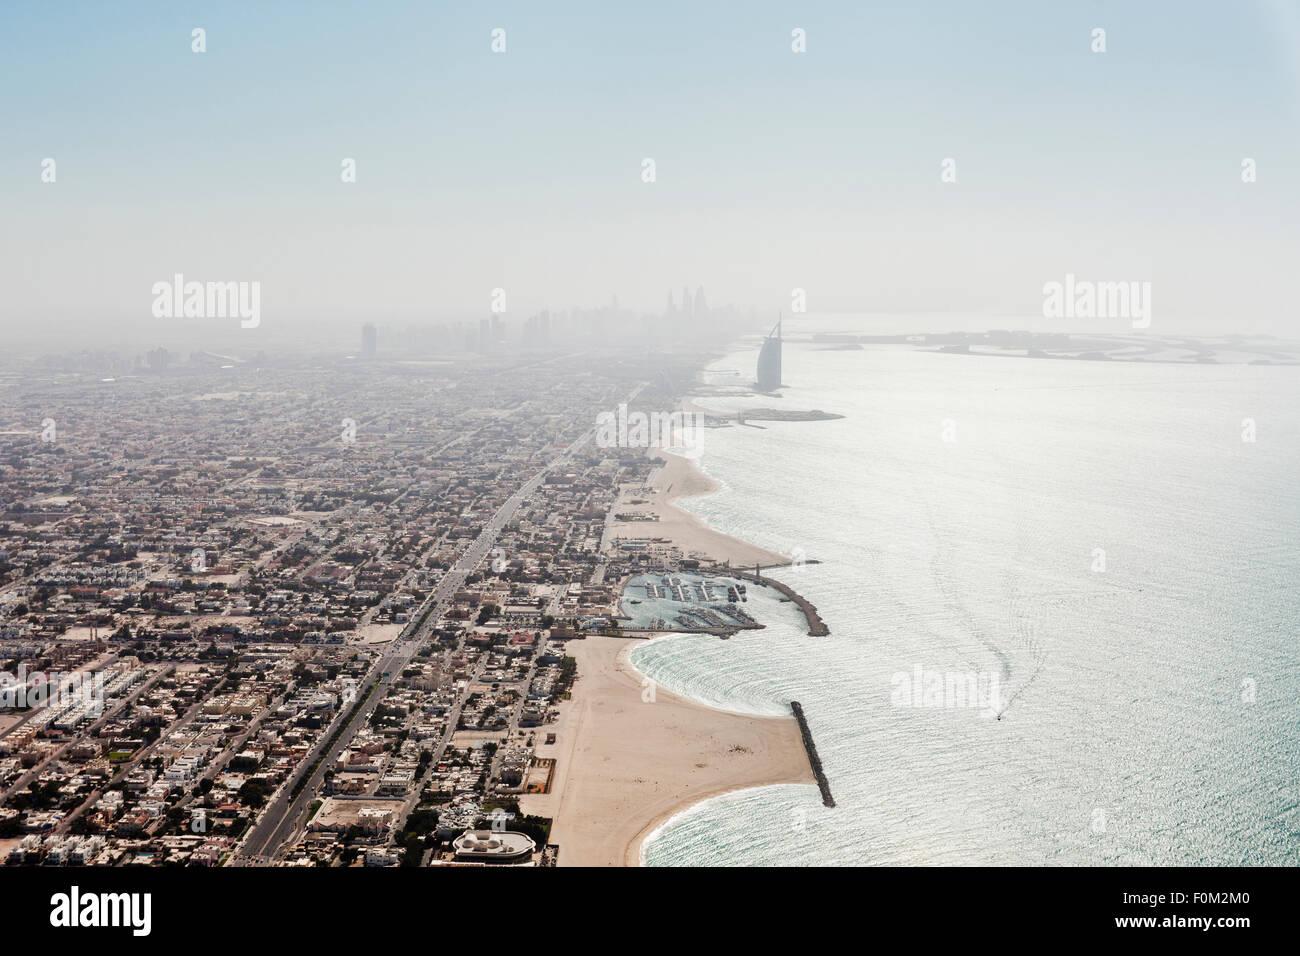 Coast with Burj Al Arab, Dubai Marina and Palm Island, Dubai, UAE - Stock Image